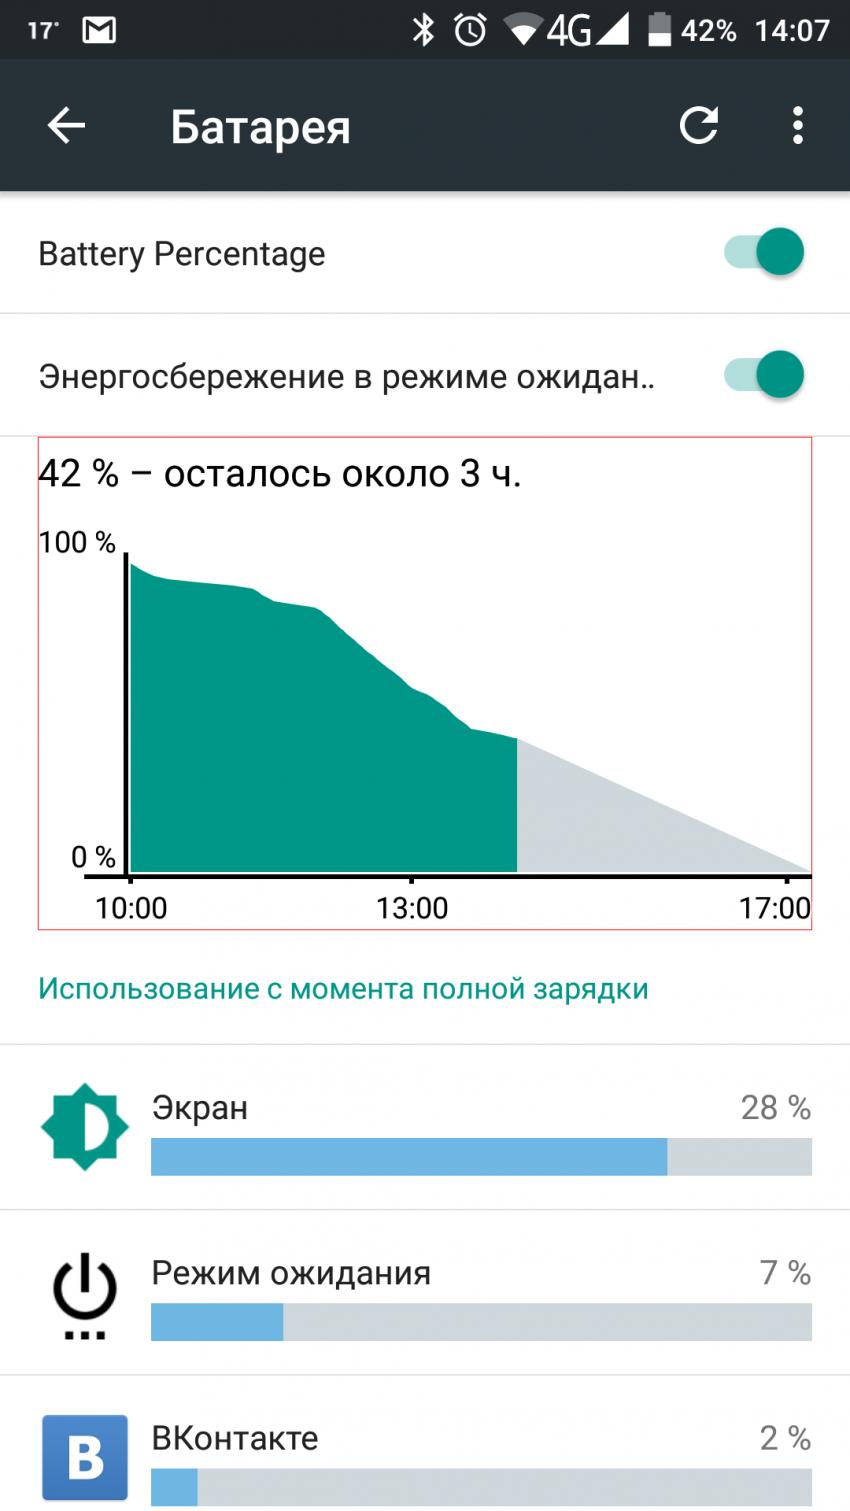 Заряд батареи iPhone в процентах Как сделать чтобы батарея была в процентах